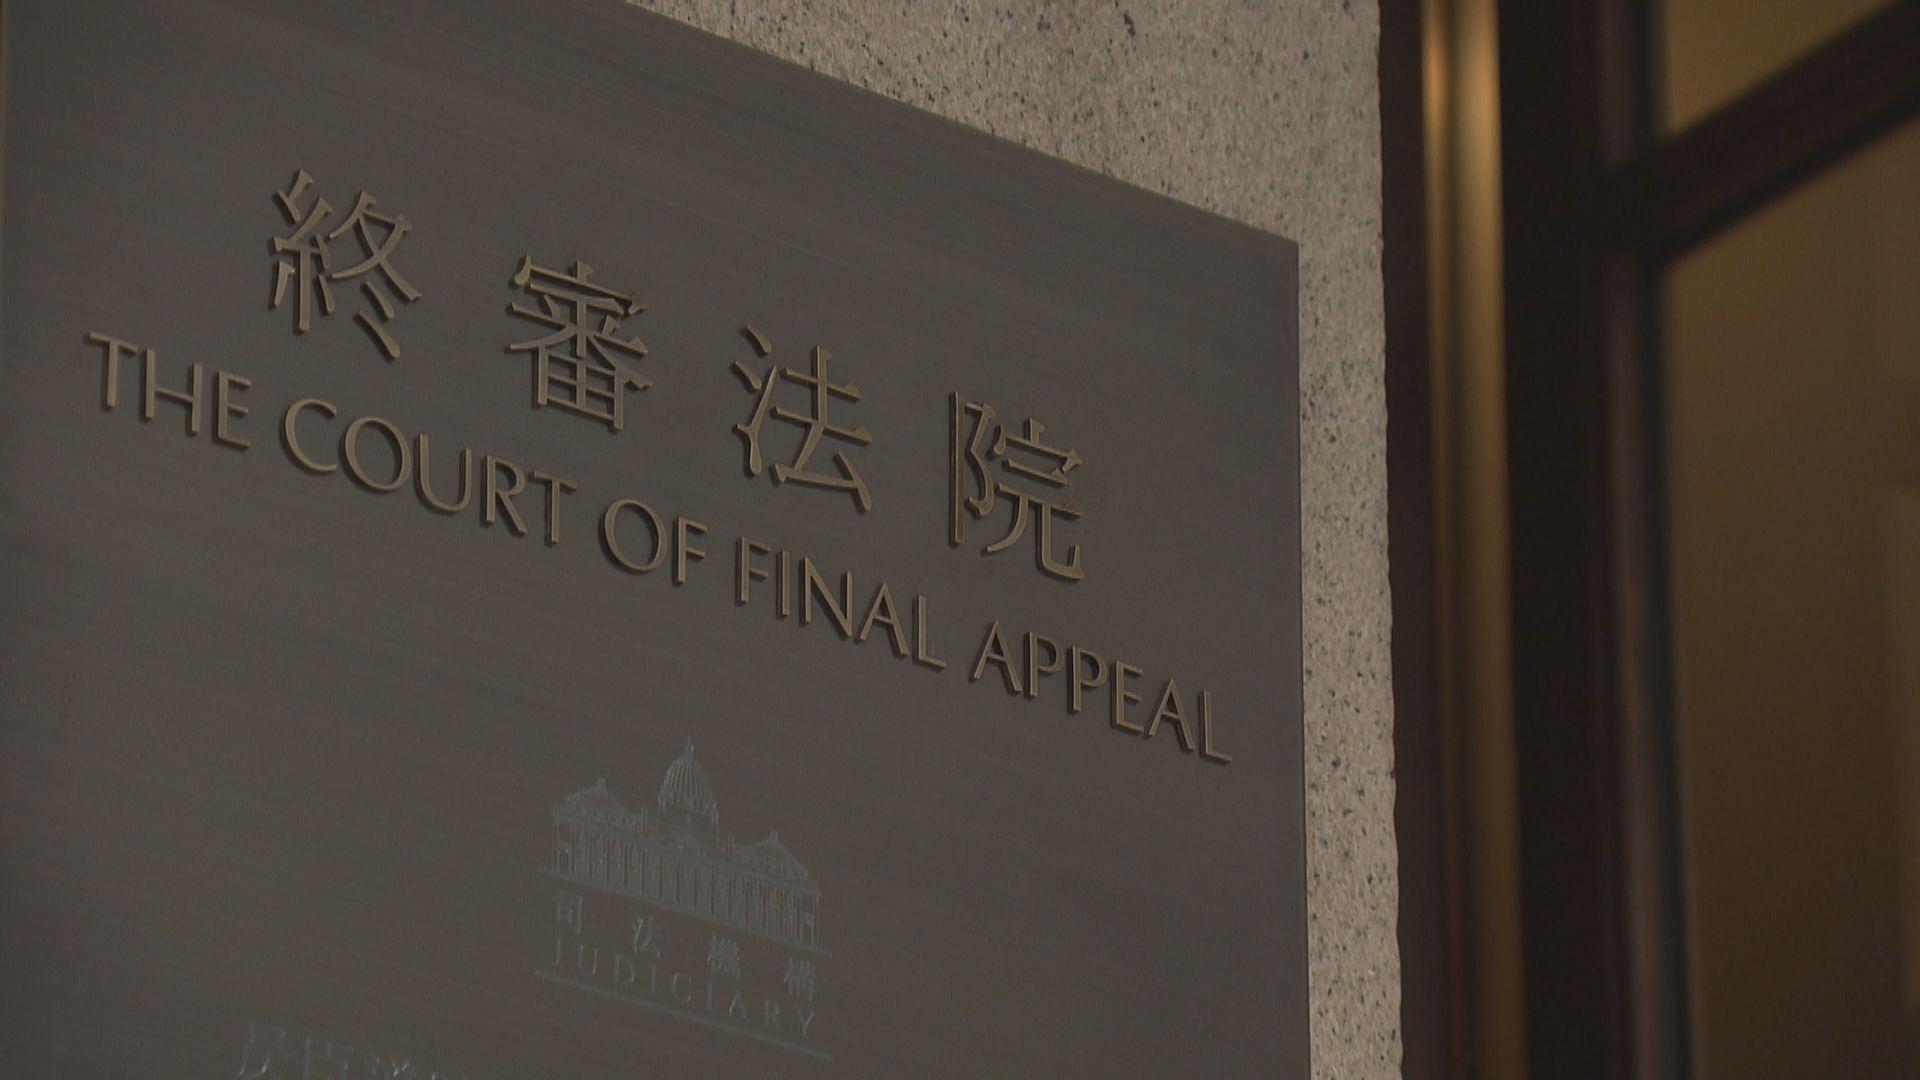 司法機構認初選案聆訊安排不足 已指示全面檢視及改善